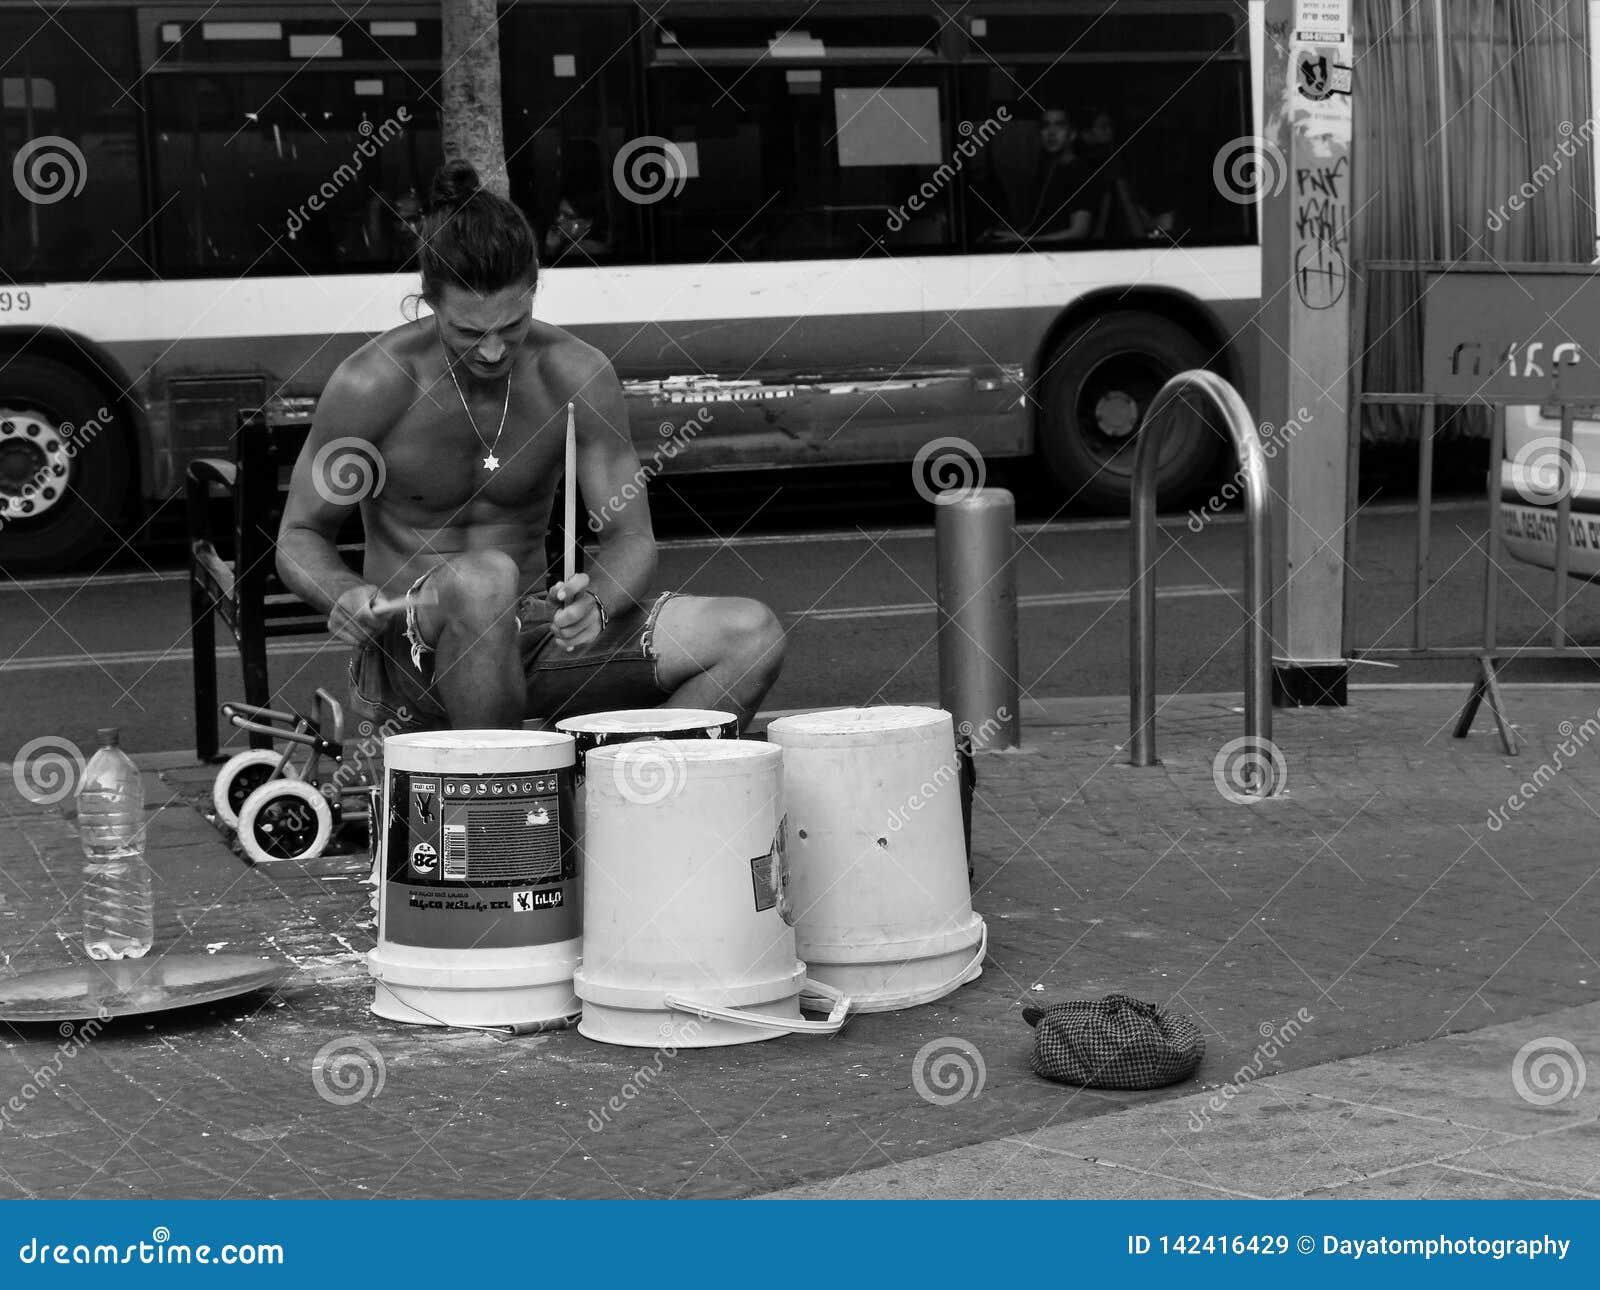 年轻英俊的街道音乐家,演奏在容器箱子的鼓在公共汽车前面的一个城市布局